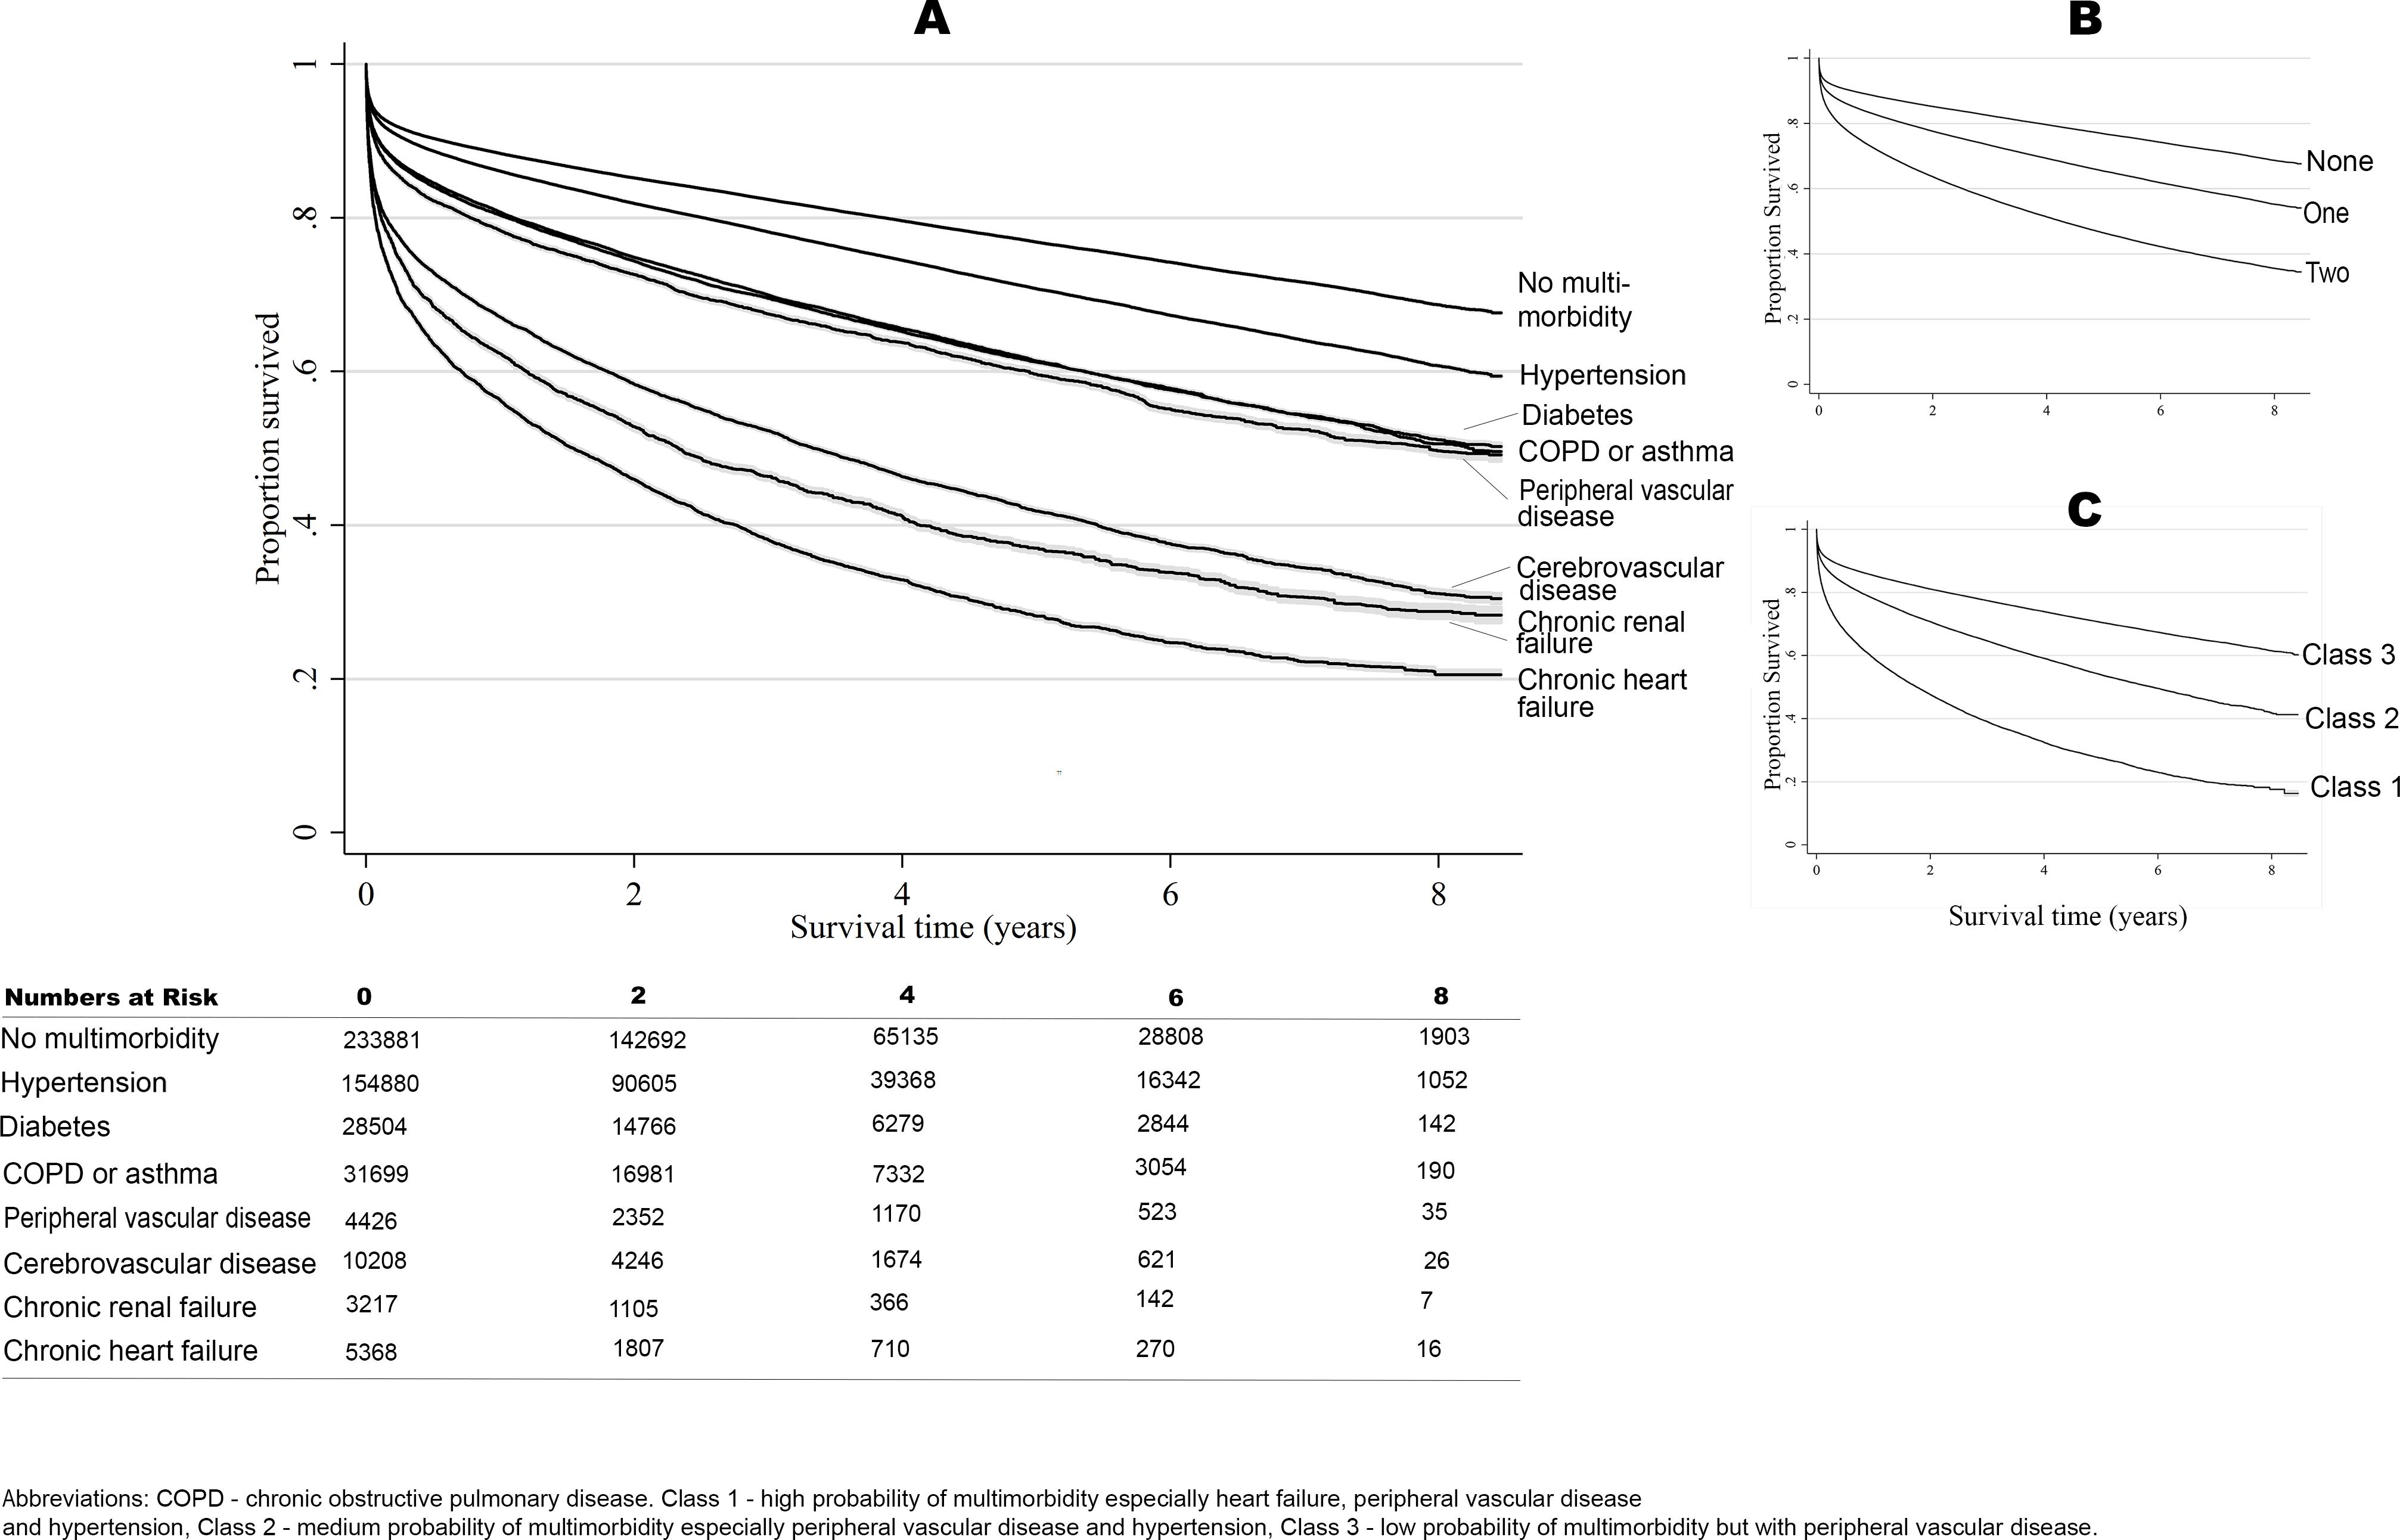 Long-term survival according to multimorbidity phenotype.